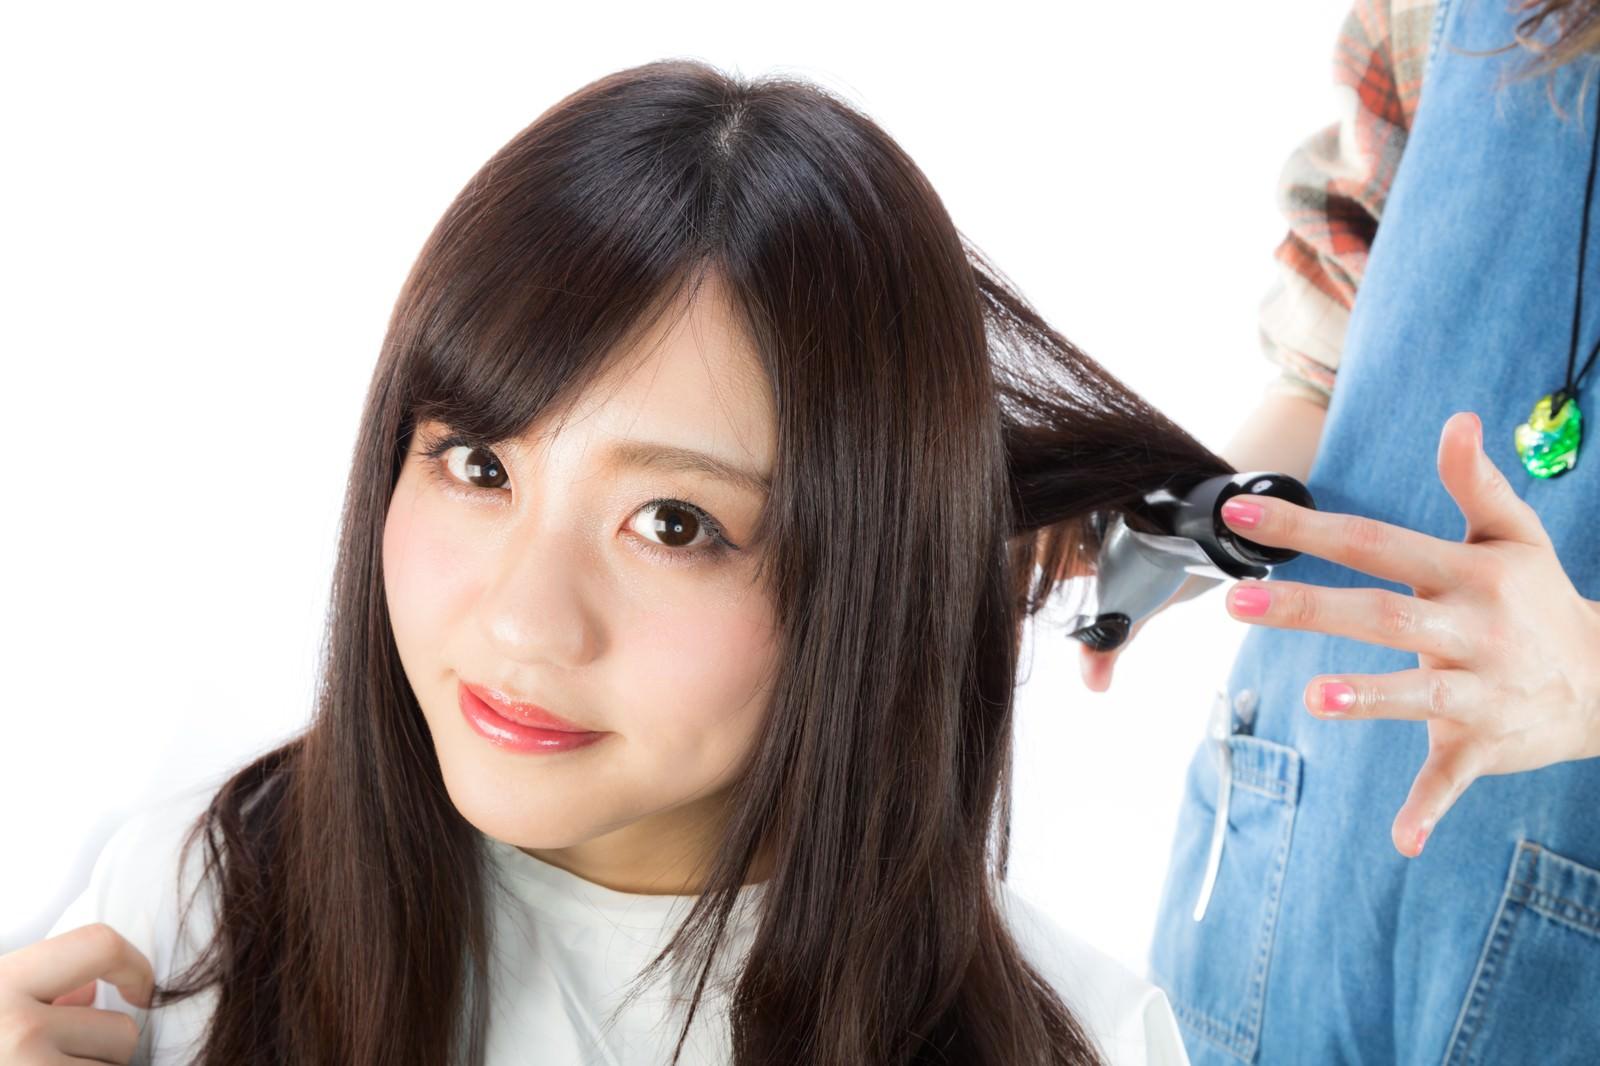 「美容師に髪の毛を巻いてもらう女性美容師に髪の毛を巻いてもらう女性」[モデル:河村友歌]のフリー写真素材を拡大